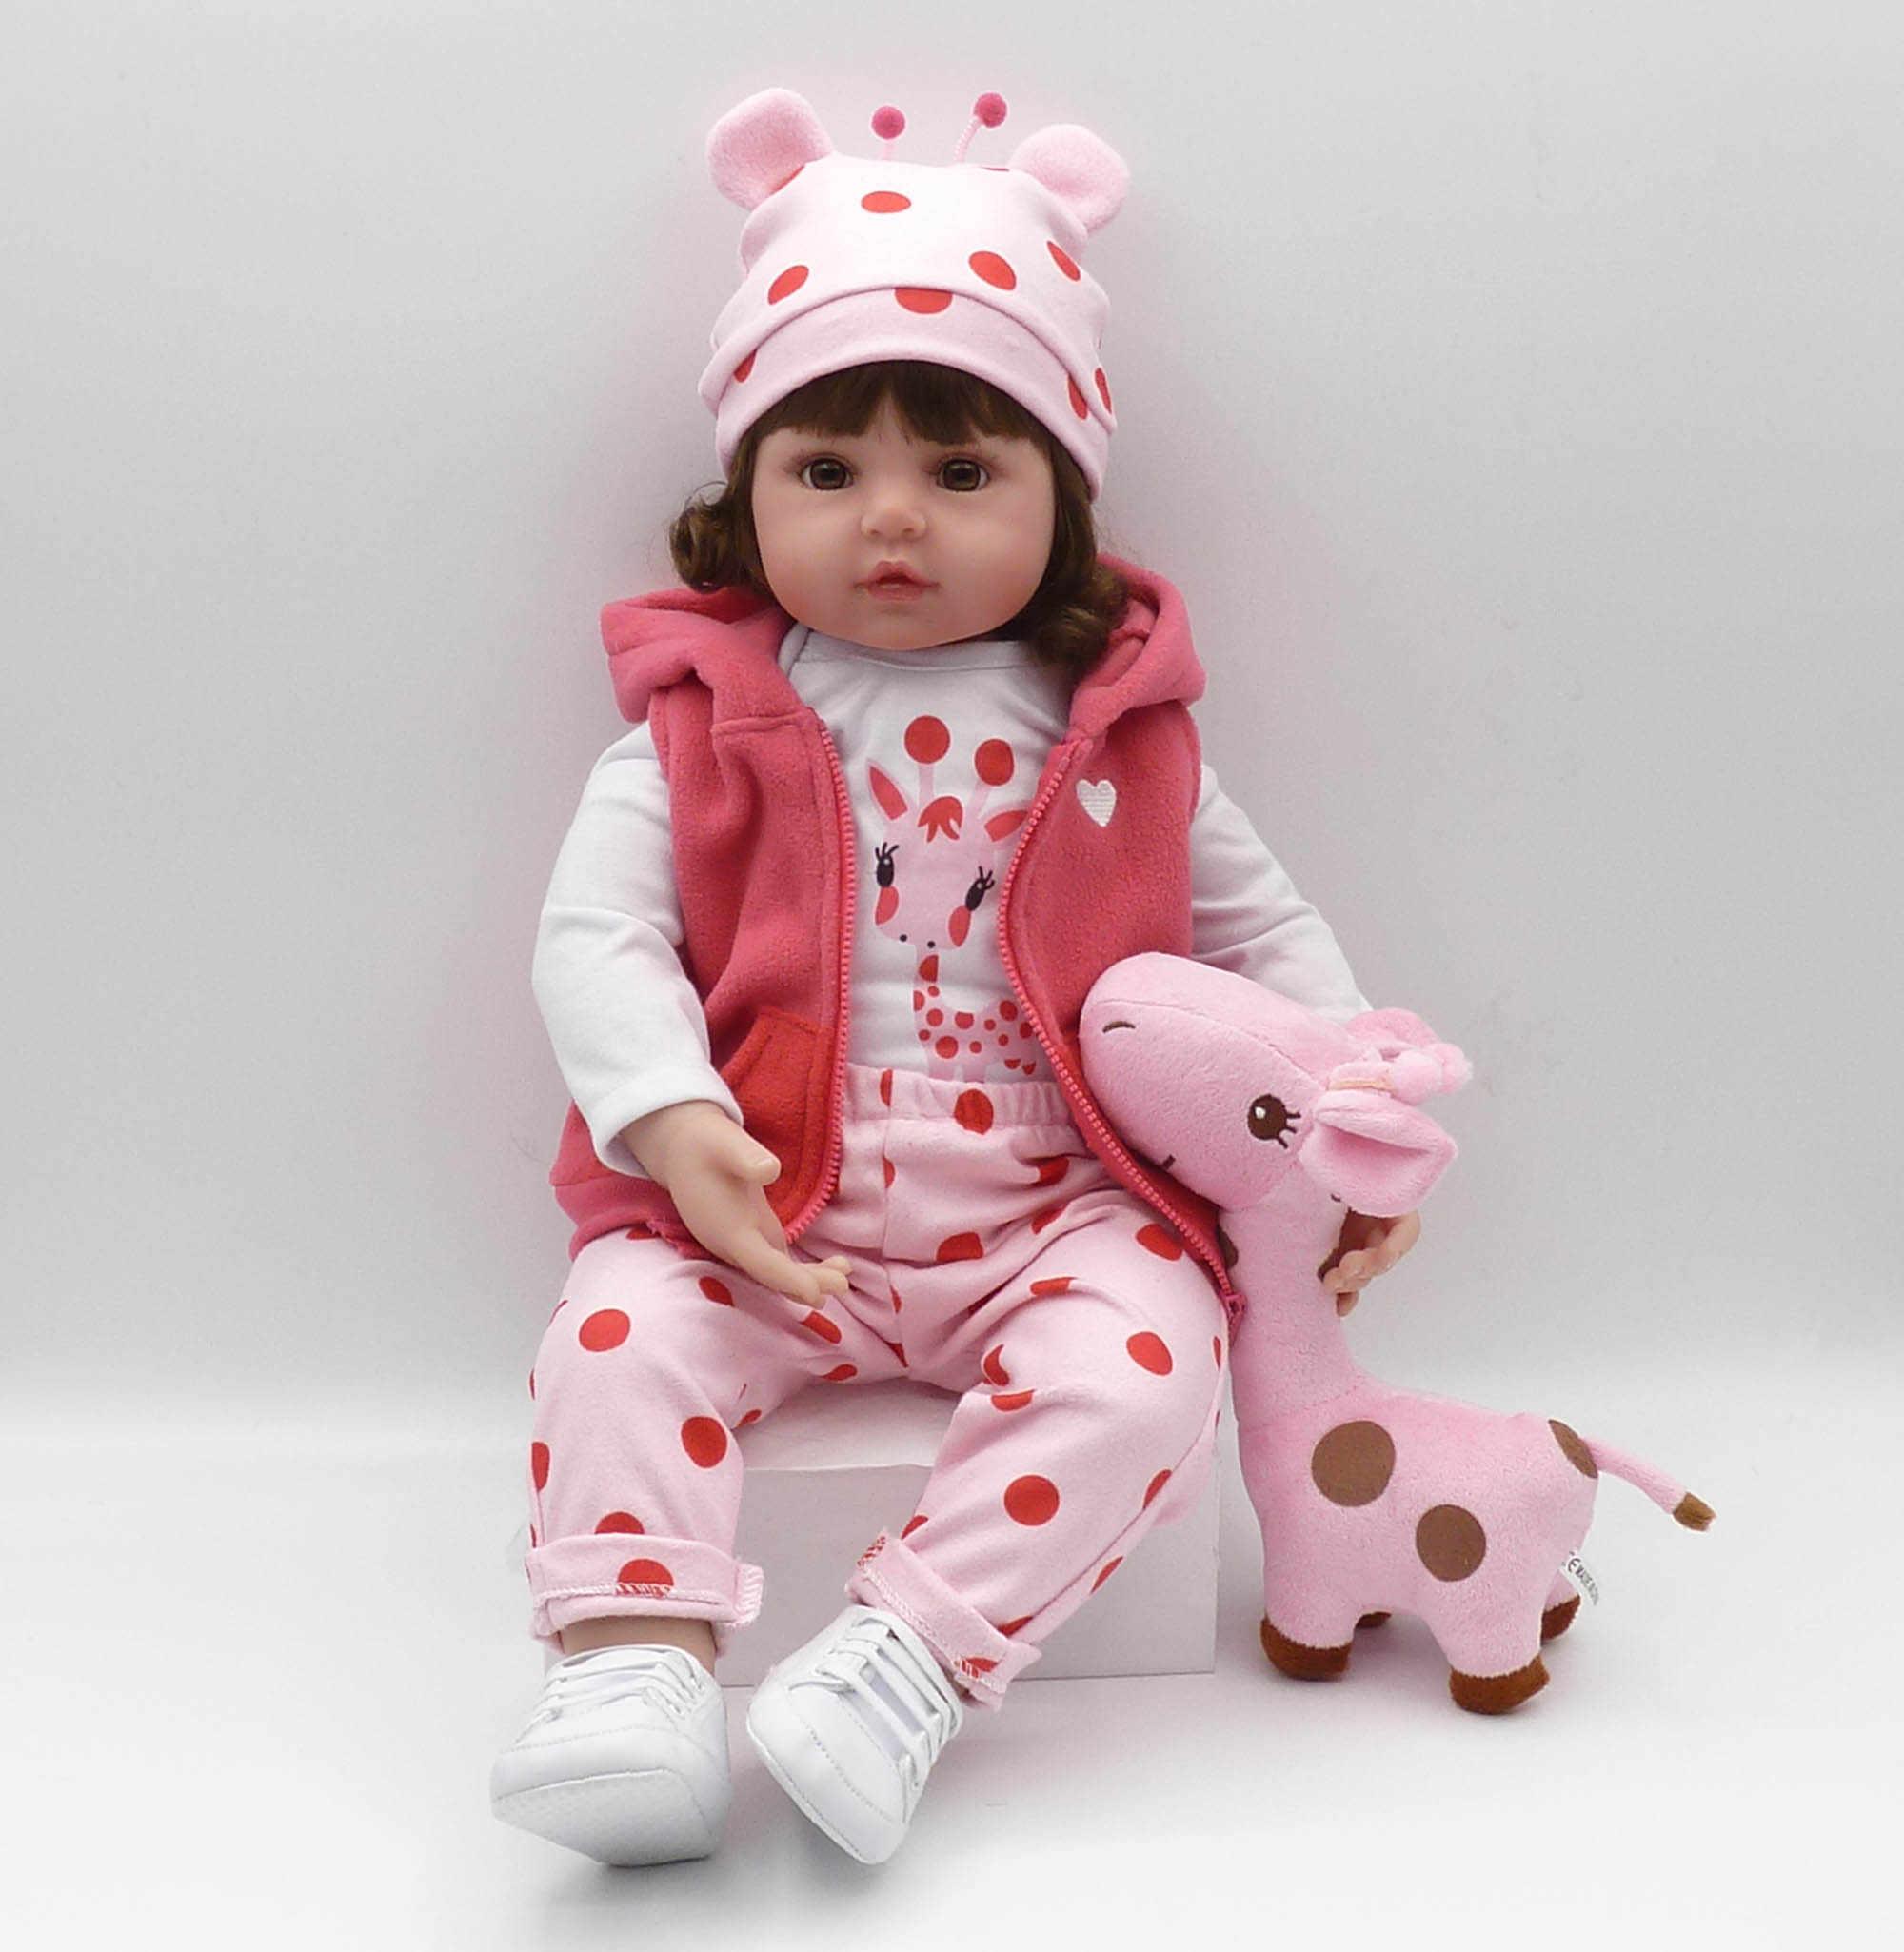 Recém-nascido boneca de silicone de 19 polegadas bebe reborn boneca bonito brinquedo de pelúcia menina do bebê dá à criança o melhor presente da criança de aniversário de natal!